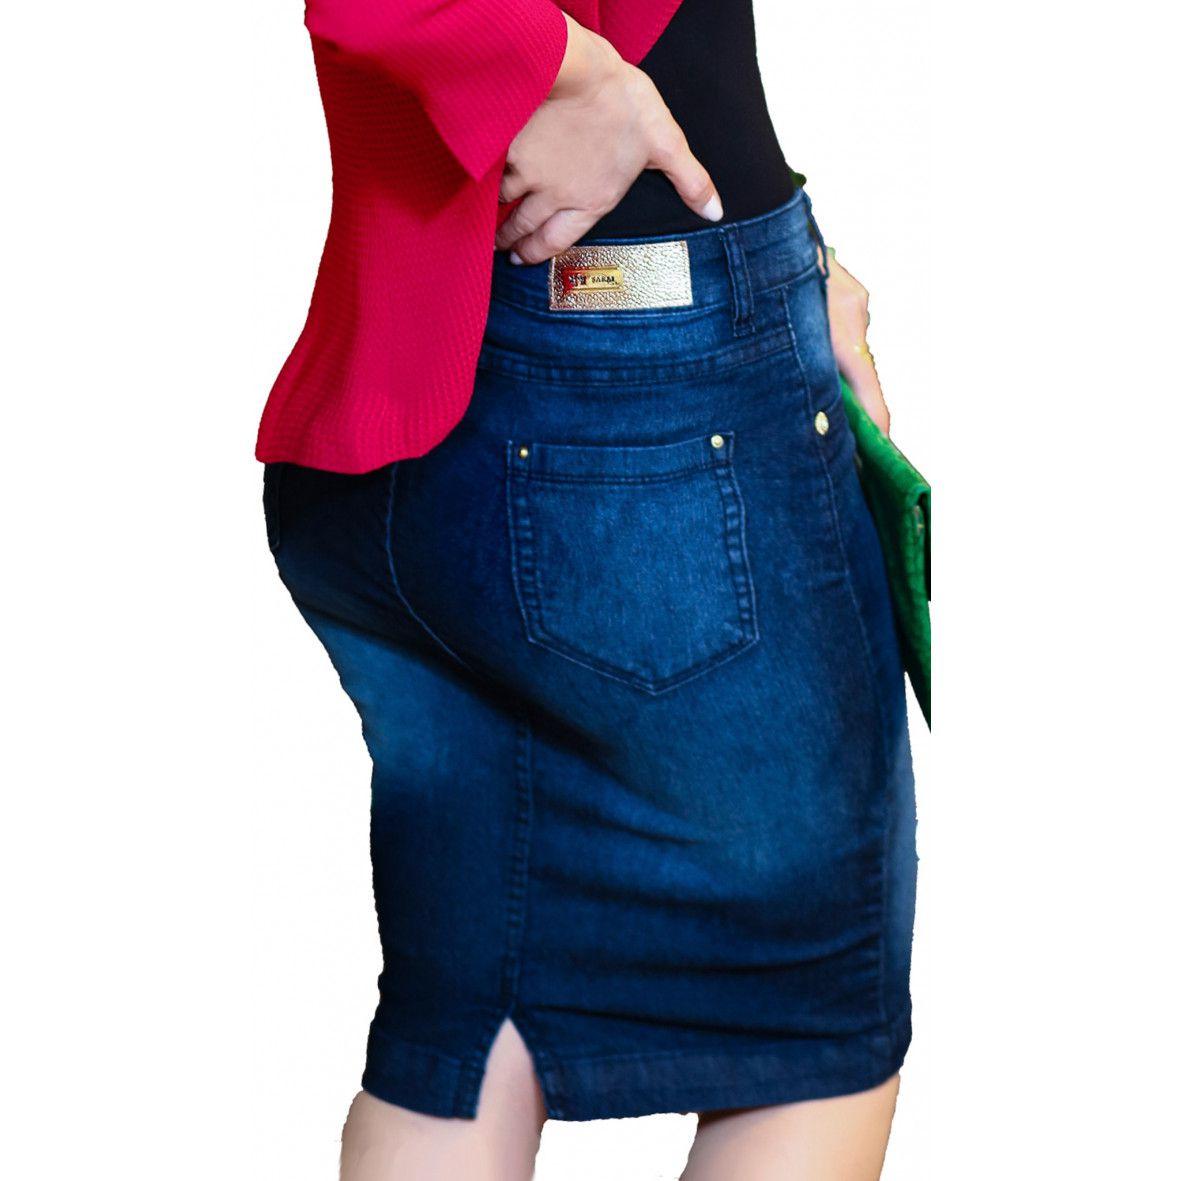 Saia Jeans Longuete Tamanho Plus Size Sarai Moda Evangélica